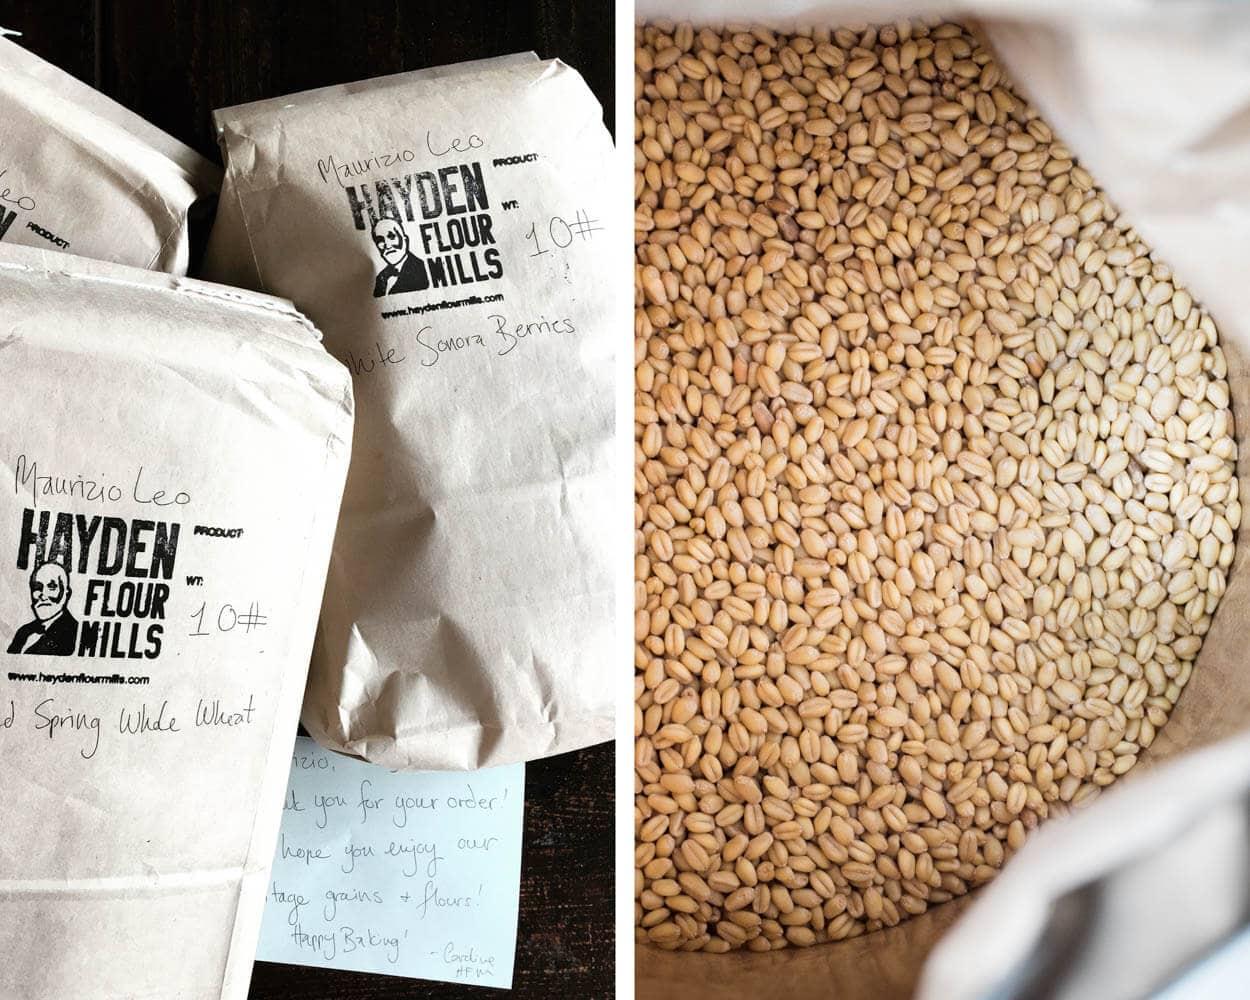 hayden flour mills white sonora